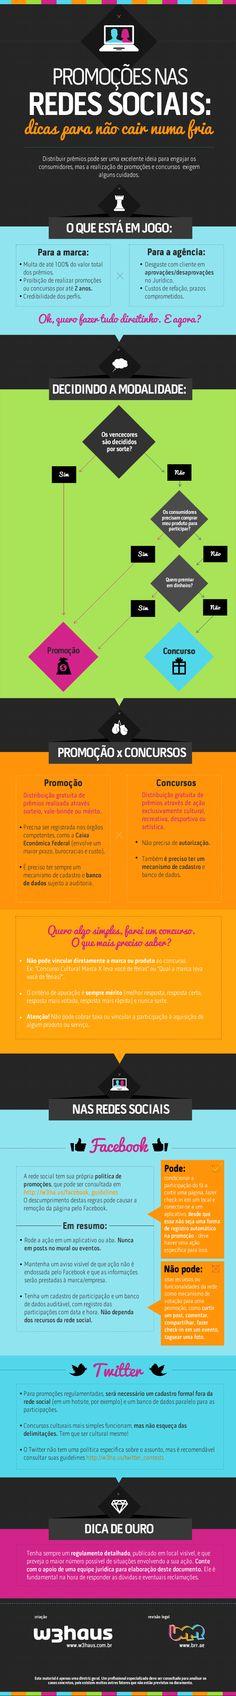 Infográfico: Promoções nas redes sociais: dicas para não cair numa fria - by W3haus